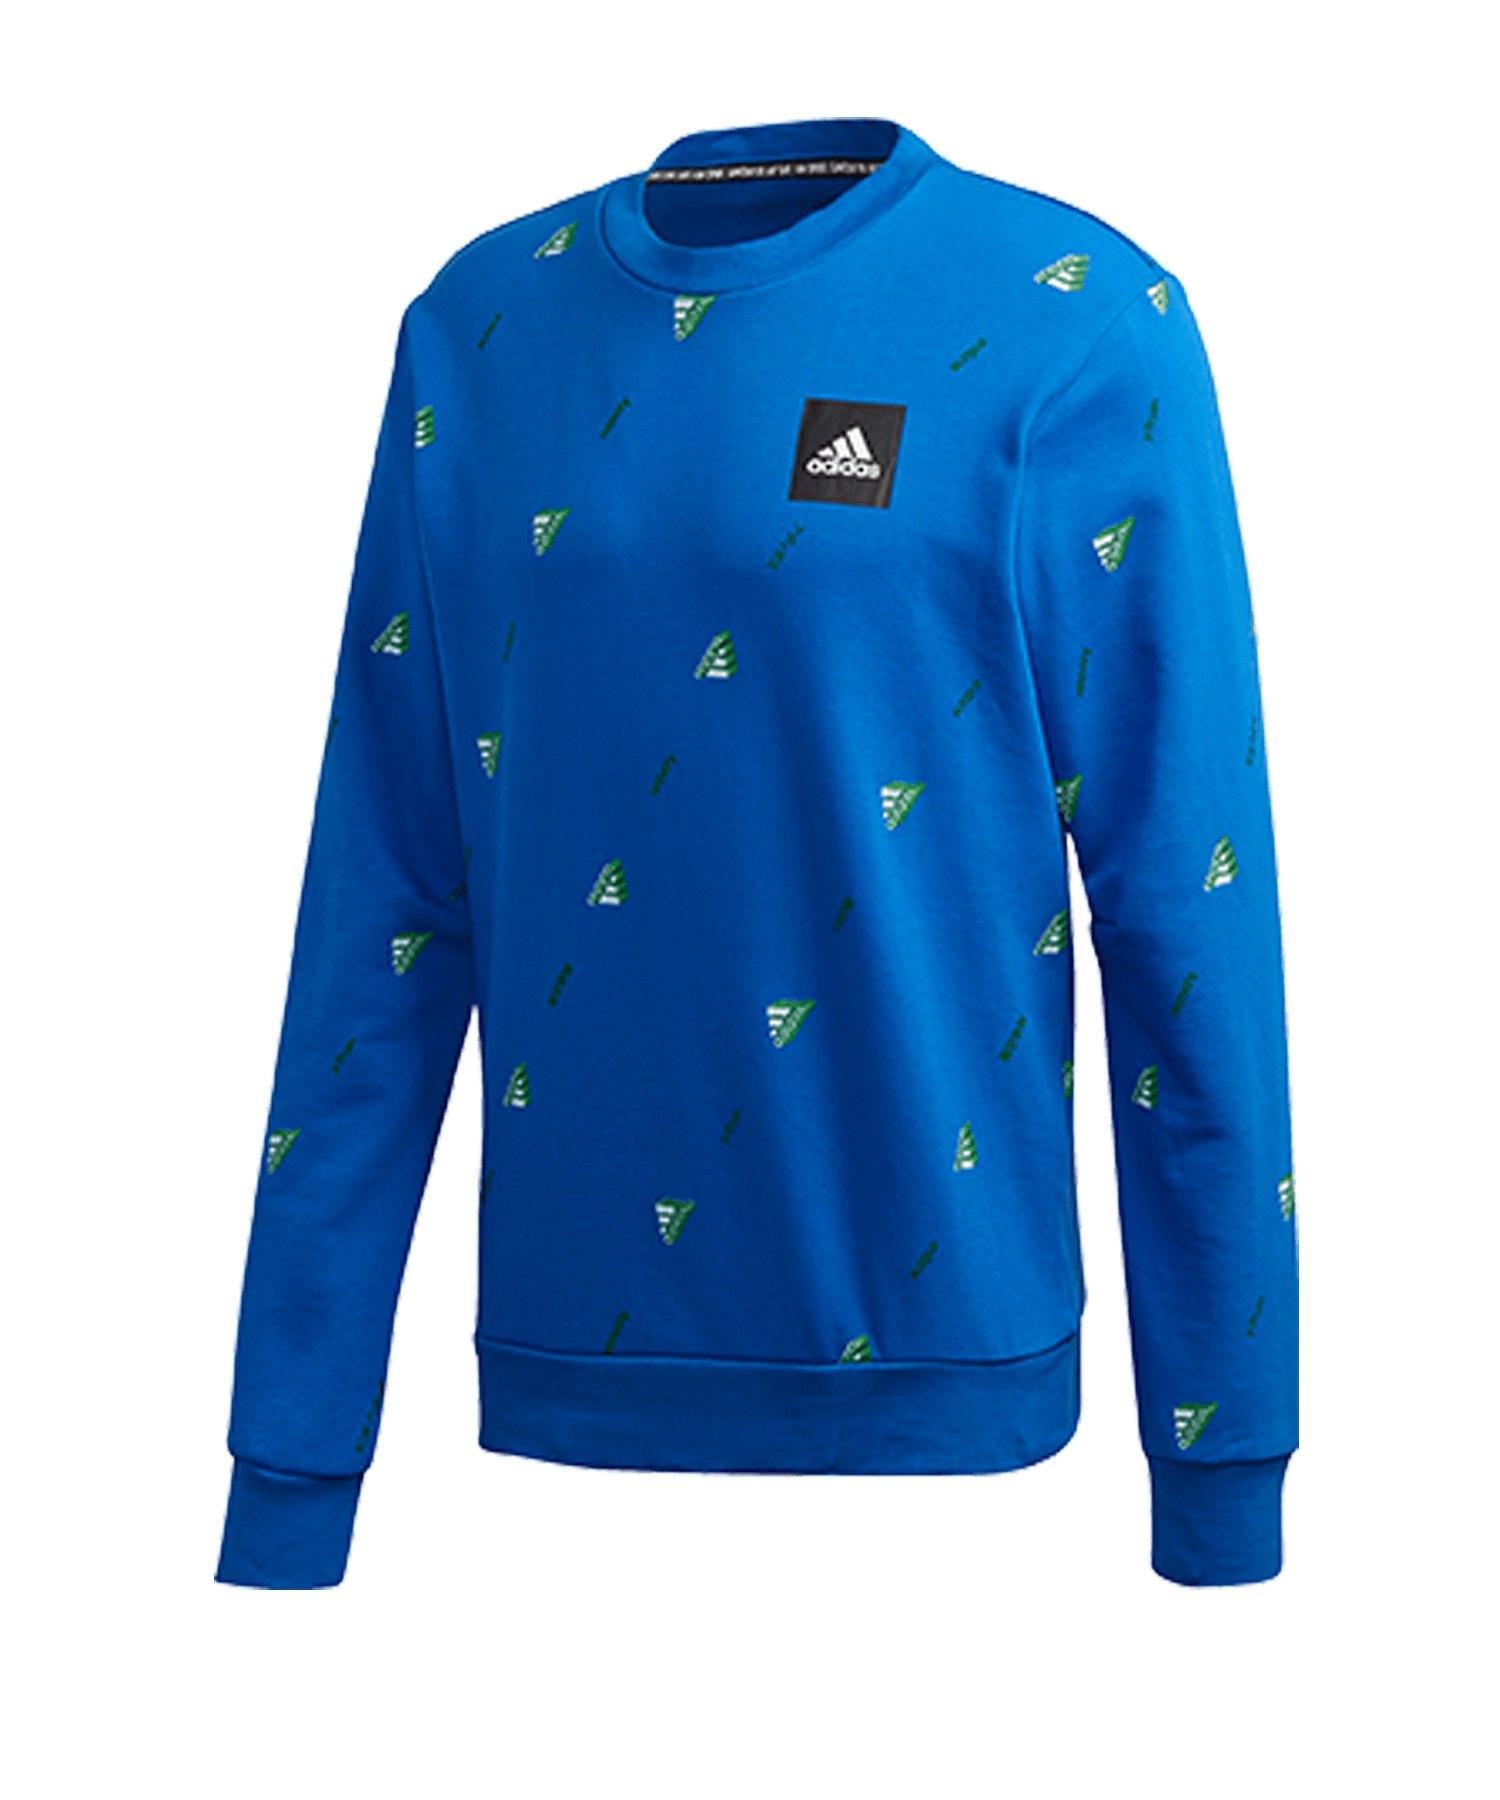 adidas Crew GFX Sweatshirt Blau Weiss - blau